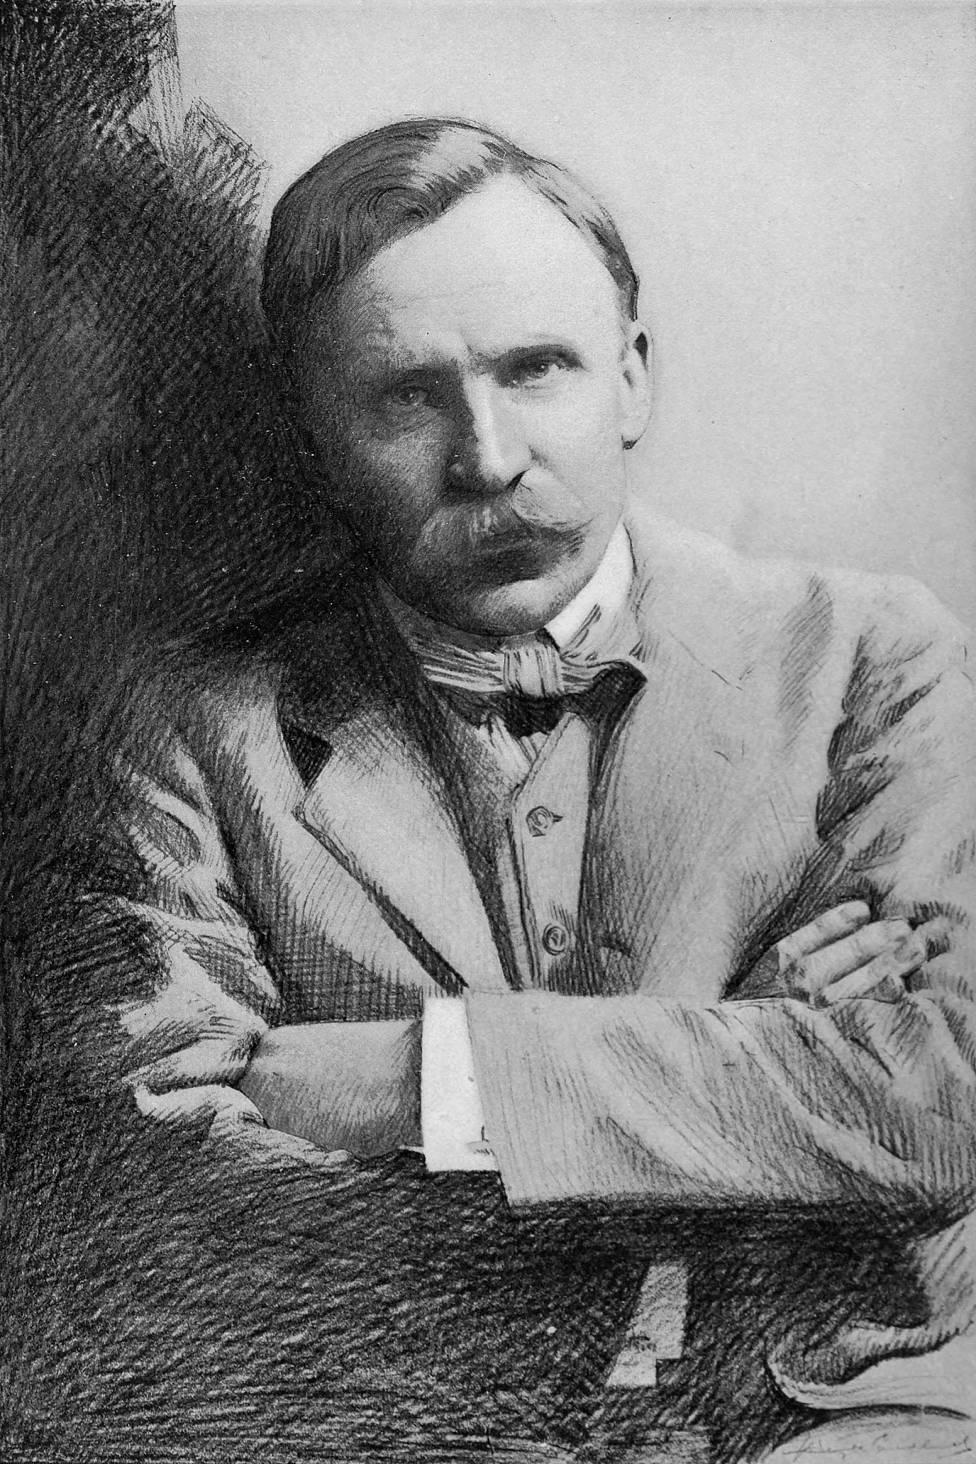 S.S. McClure, ilustración del The Booklovers Magazine, Vol 1 (1903)